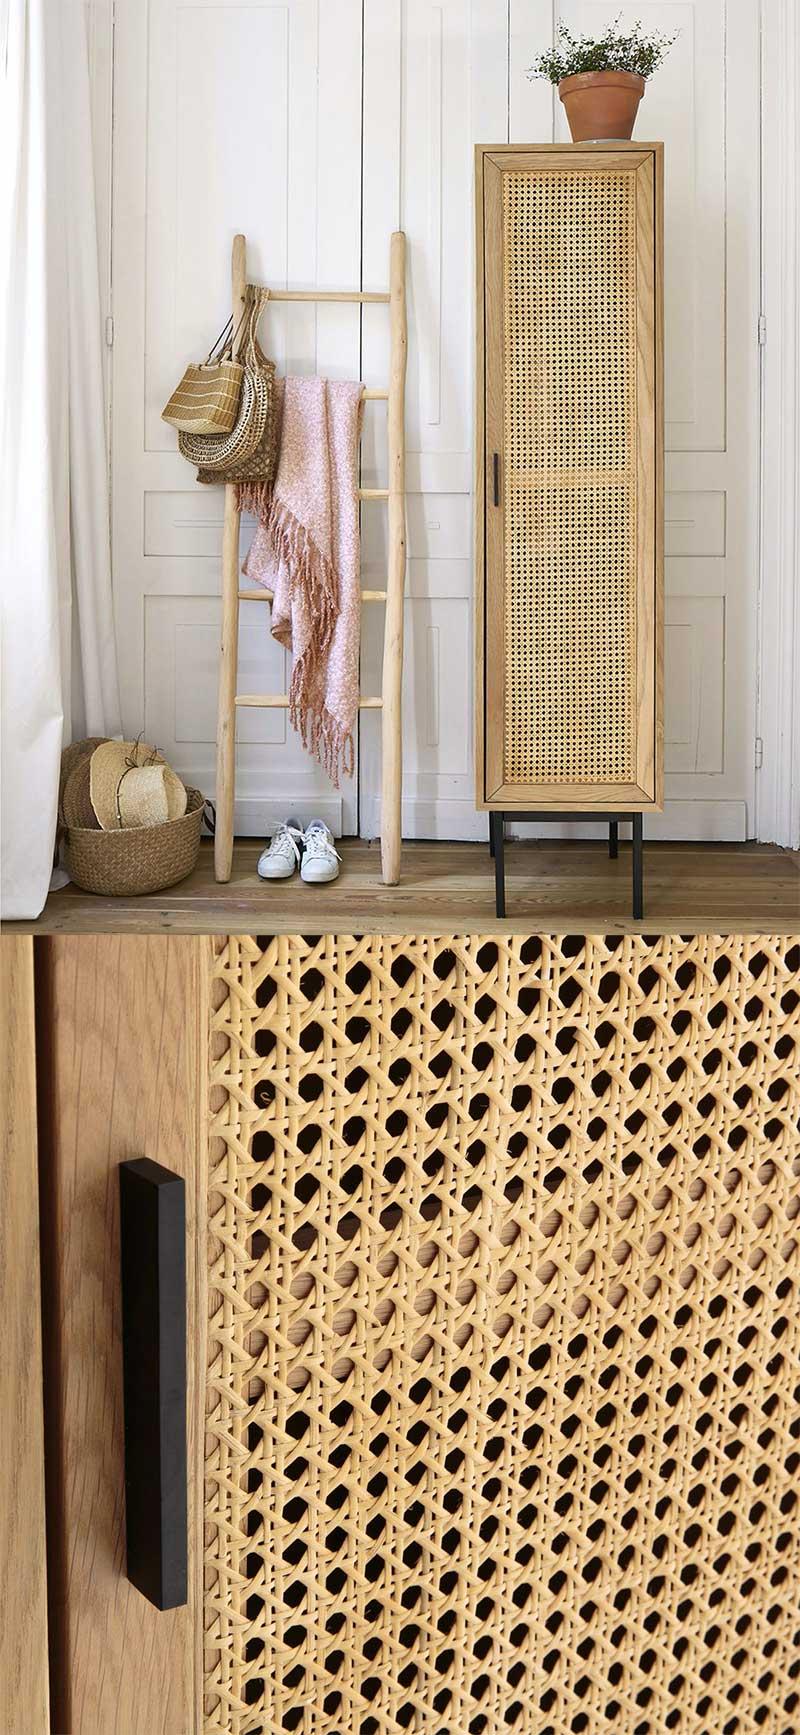 Meuble armoire avec penderie en cannage